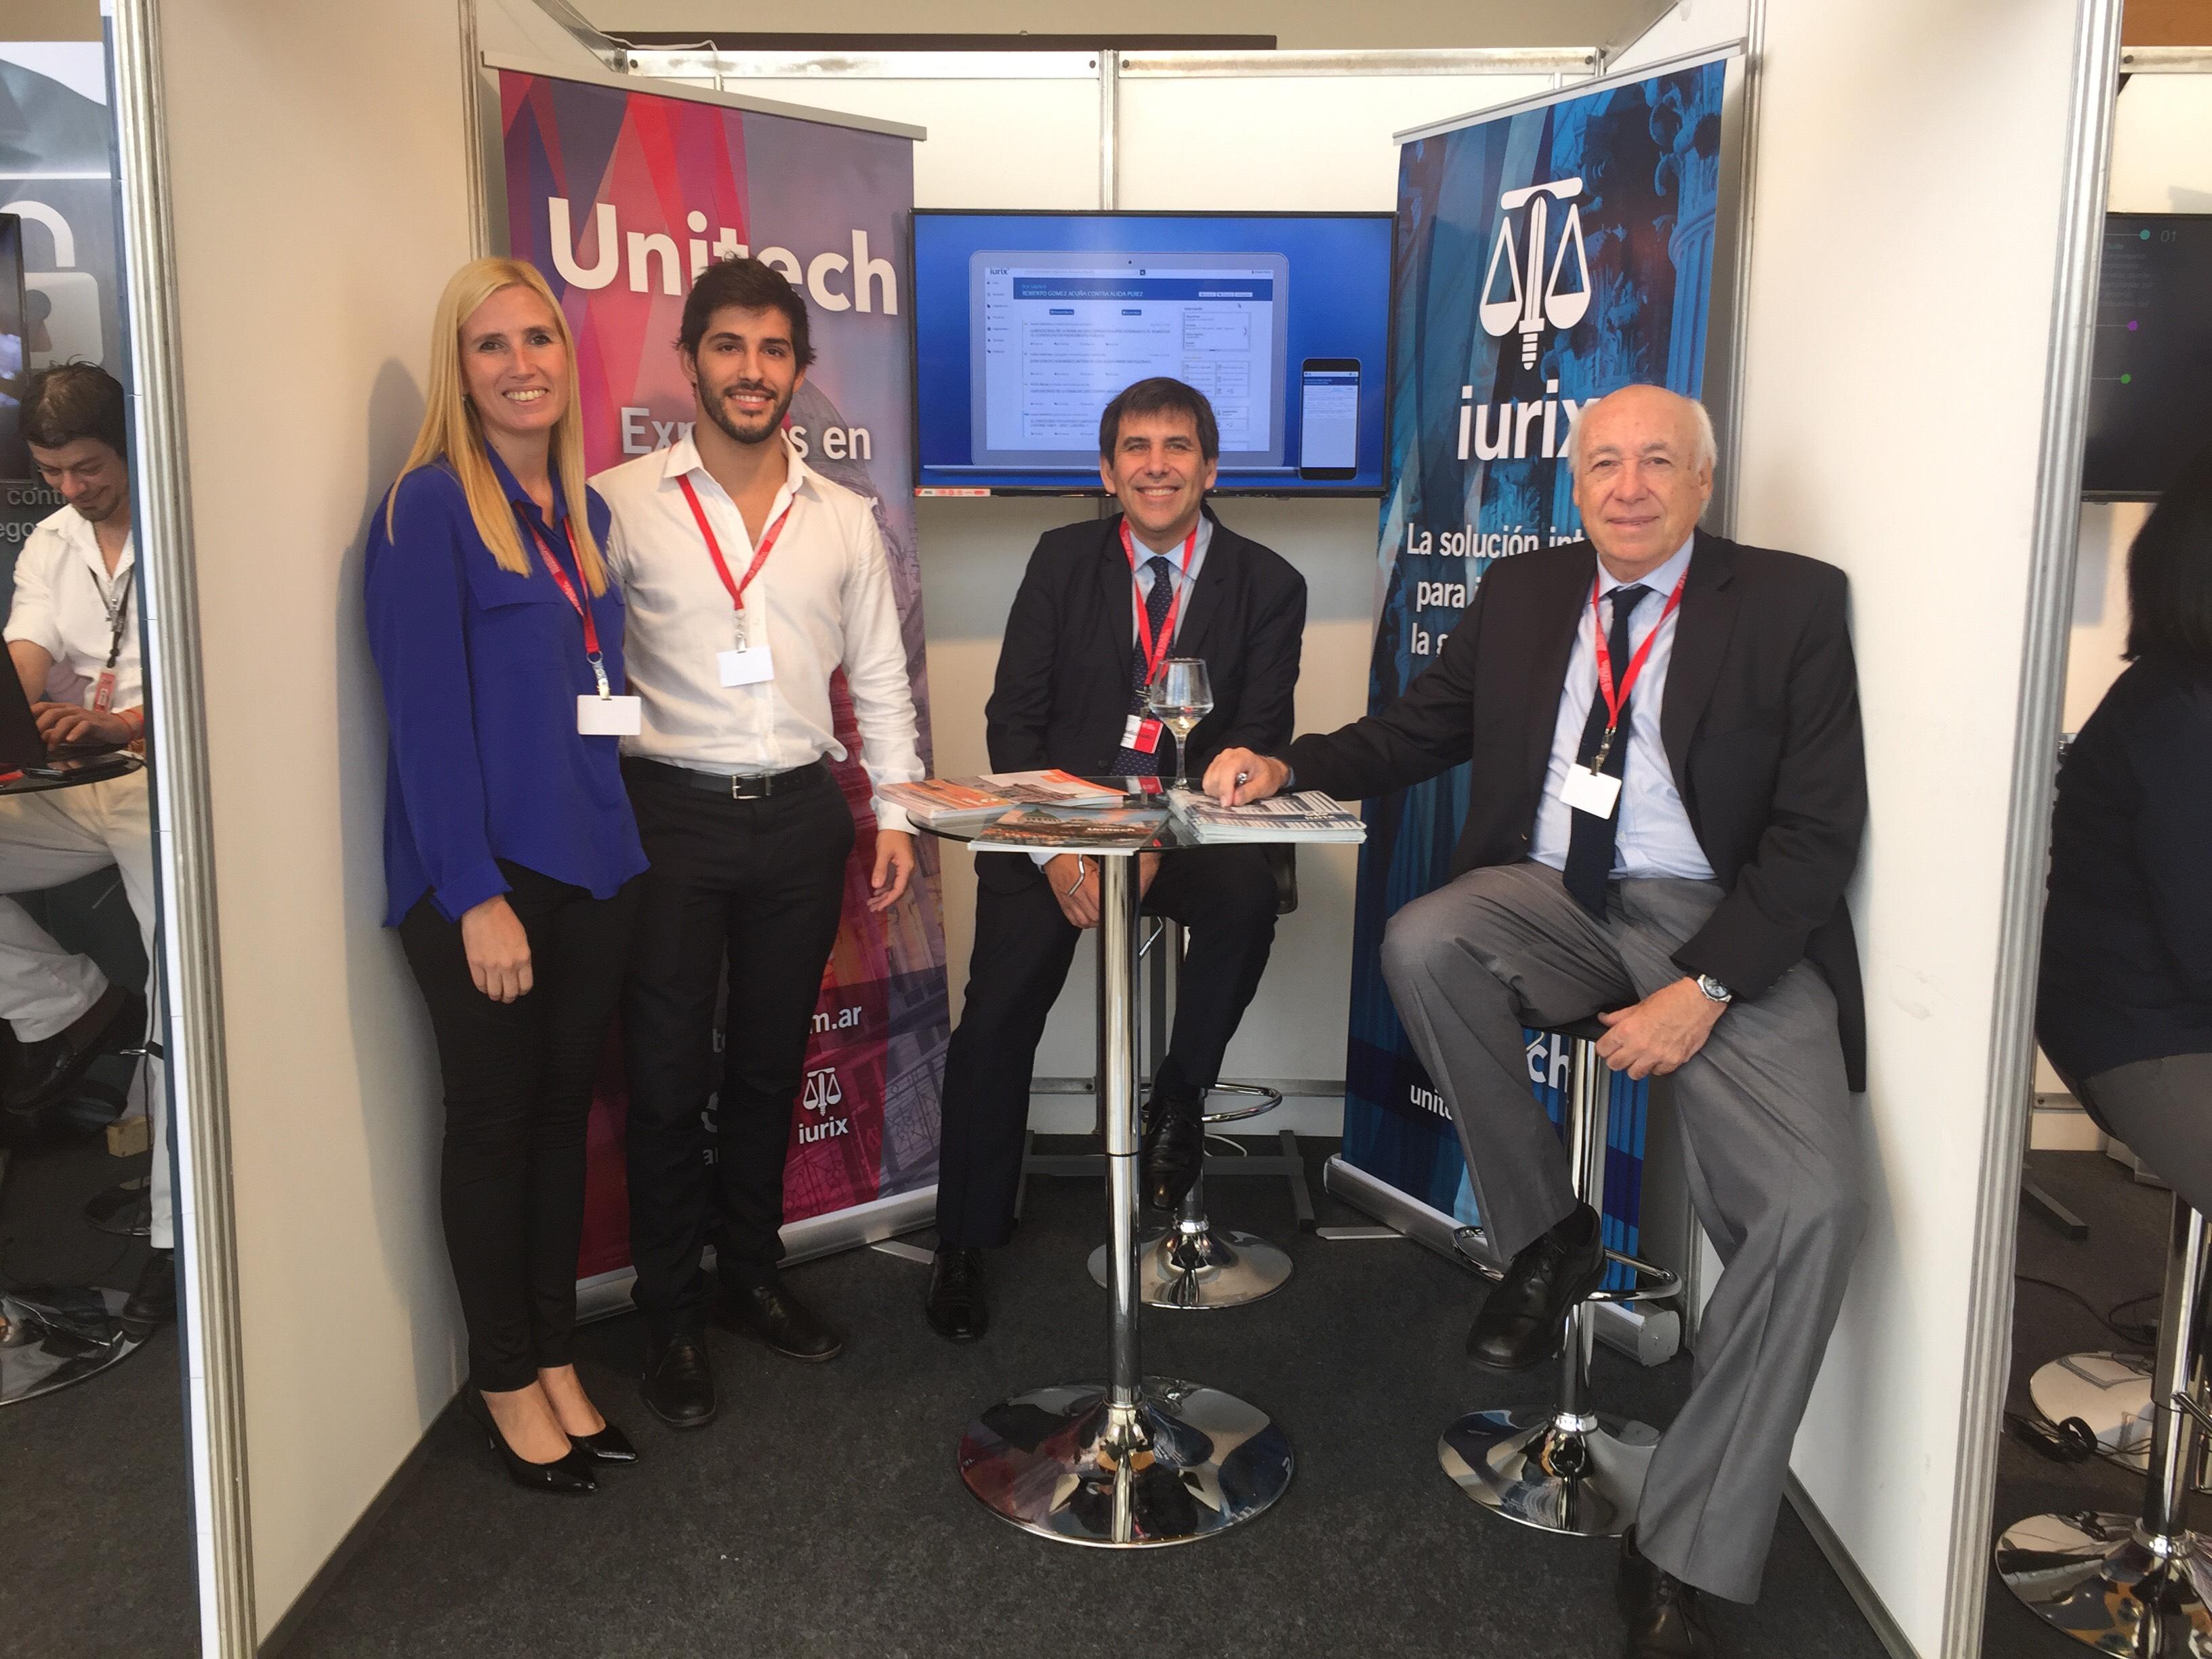 Unitech presentó su nuevo IURIX en la VI Feria de Justicia y Tecnología en Paraguay